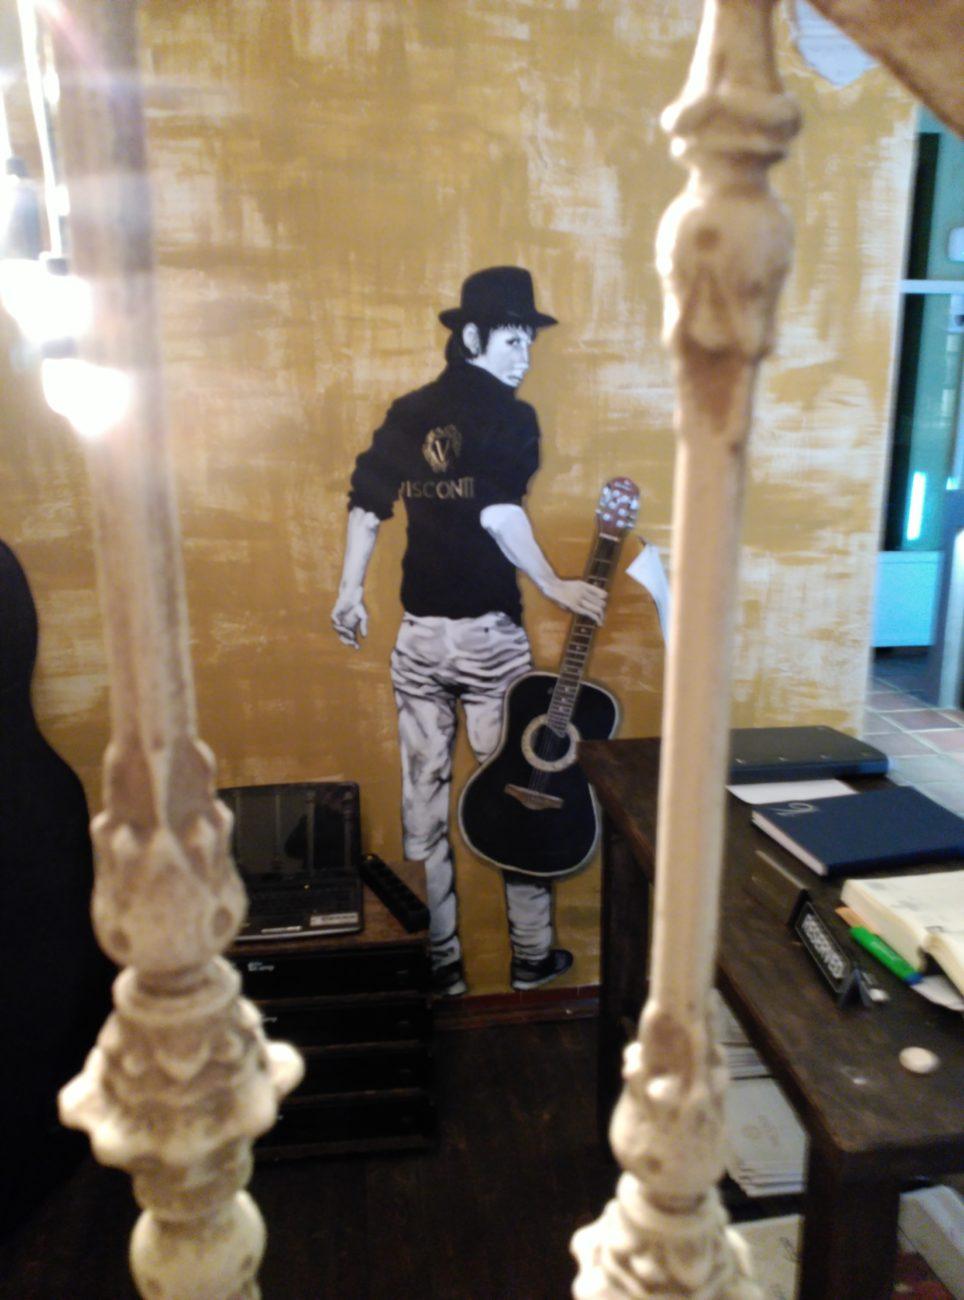 Detalle, pintura mural en Visconti. Inma Gregori 2015.